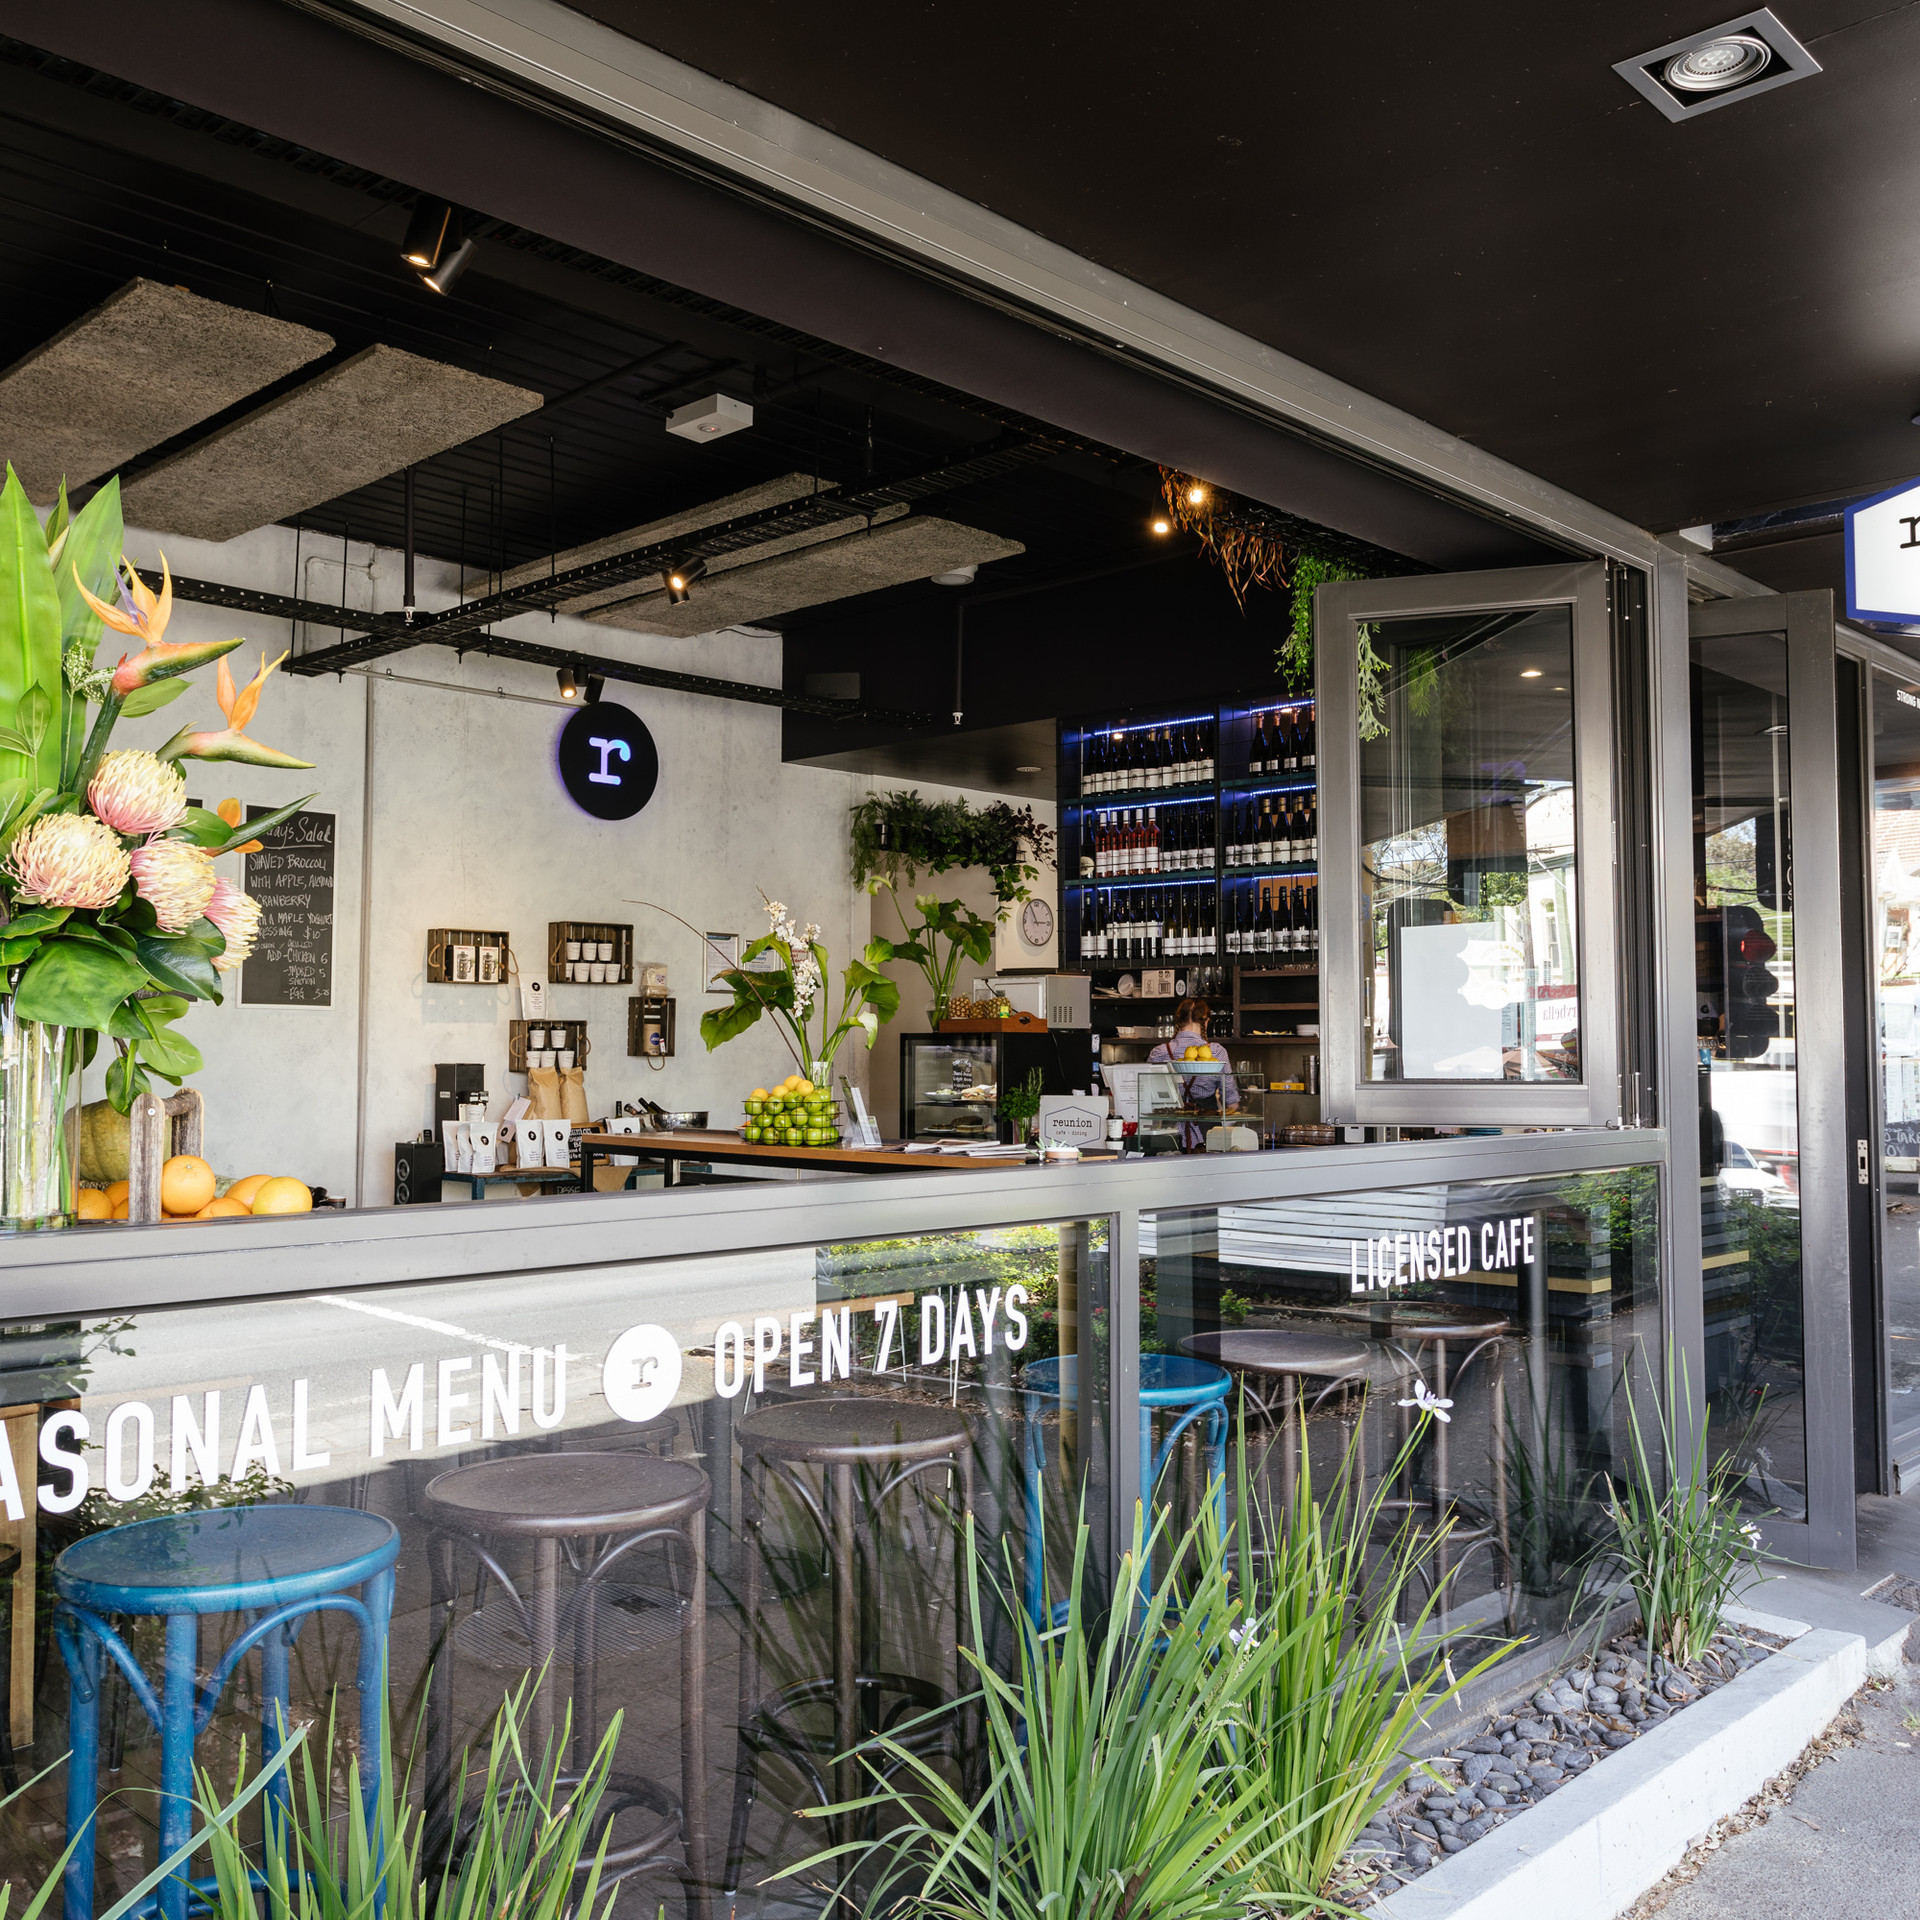 Reunion Cafe